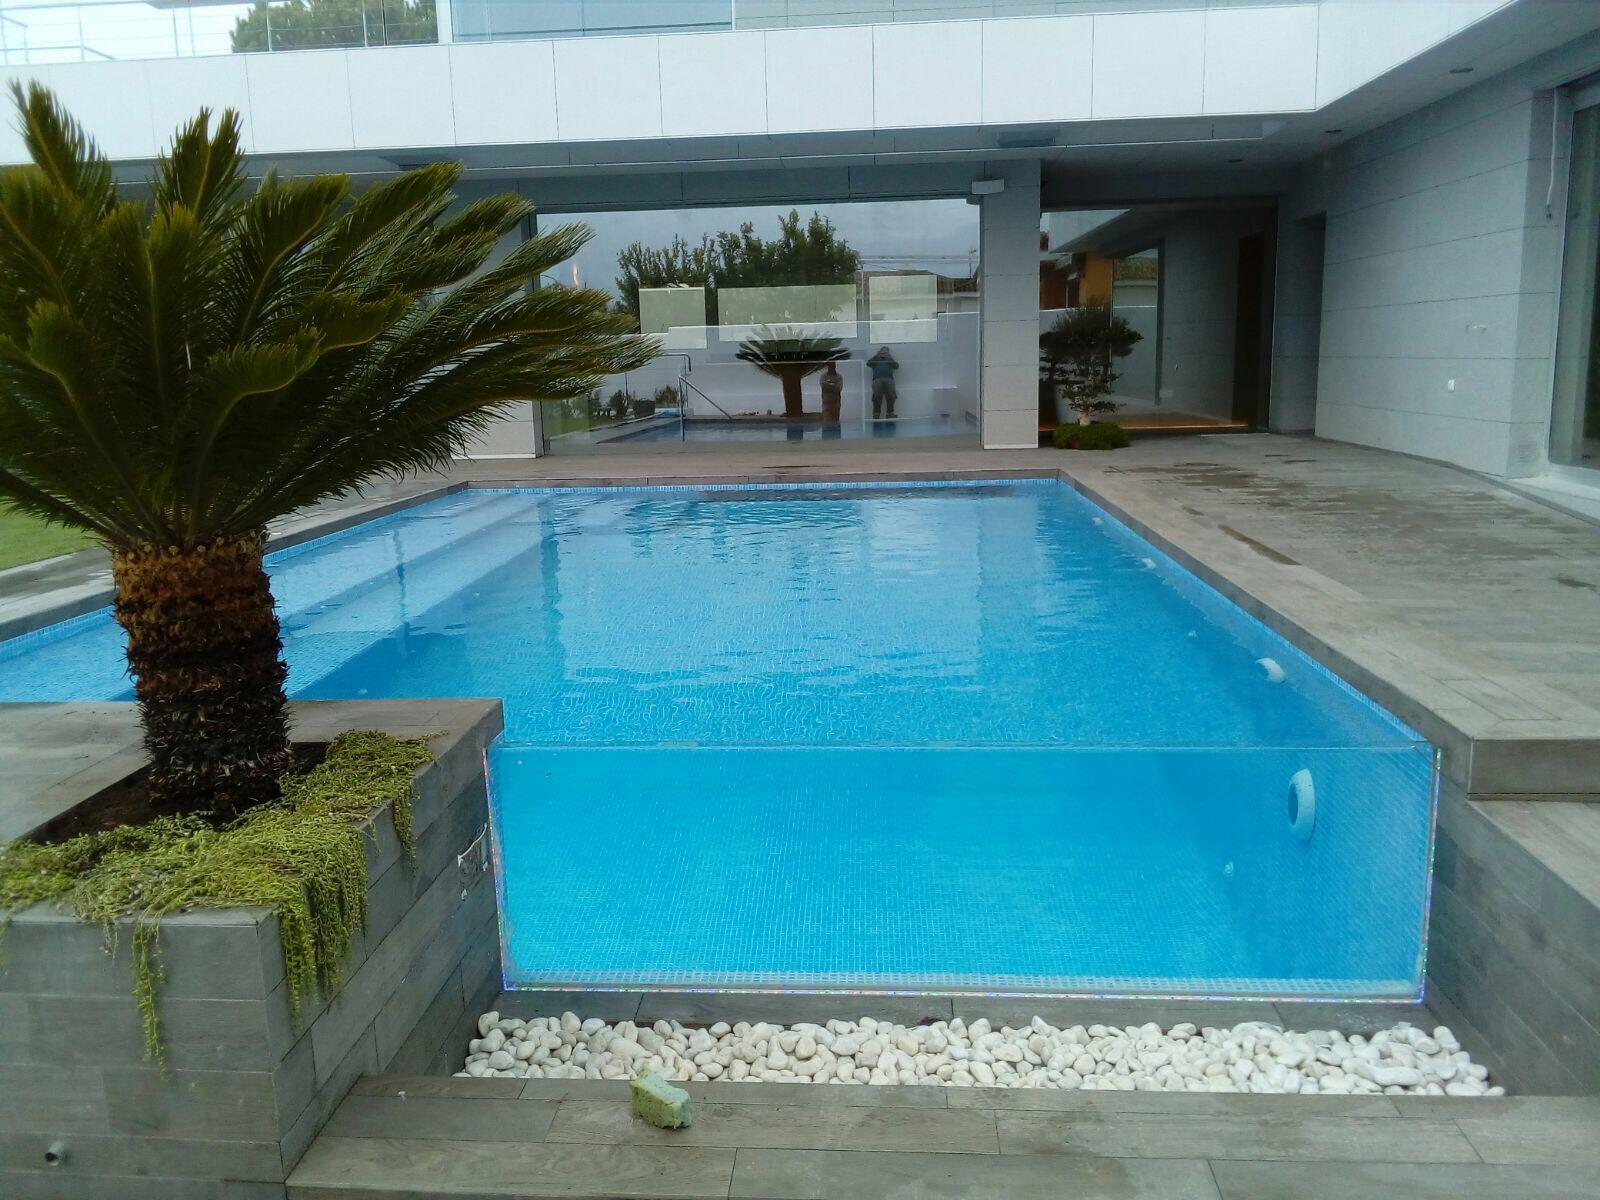 piscina de cristal aqualar piscinas